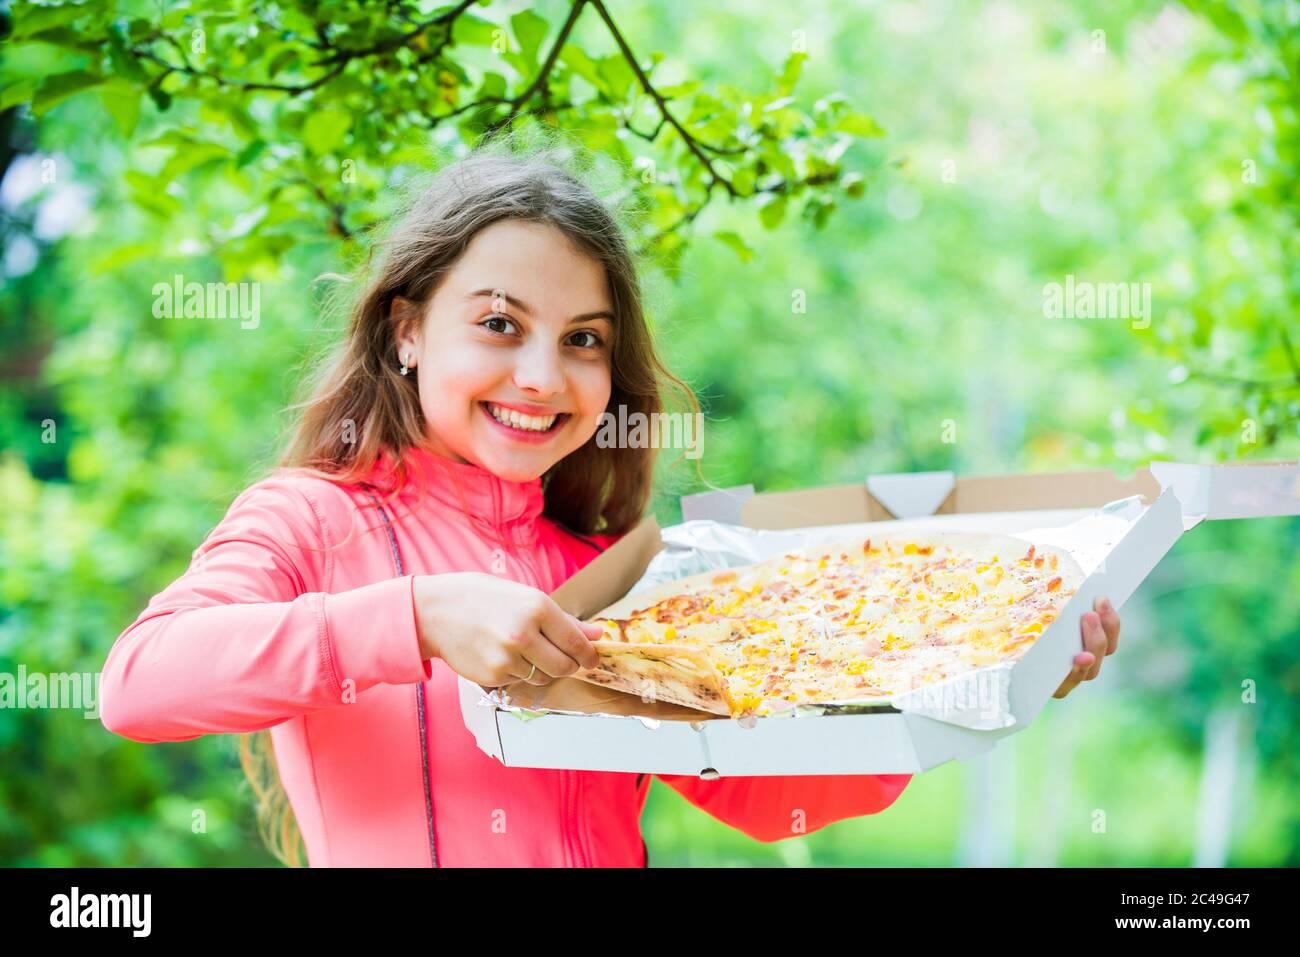 Solo una fetta. Il suo cibo preferito. Il concetto di cibo spazzatura. Il bambino felice tiene la pizza grande. Consegna dei pasti in tempo. Il bambino affamato mangia la pizza. Sembra gustoso e perfetto. Senti la fame vera. Chi si preoccupa della dieta. Foto Stock